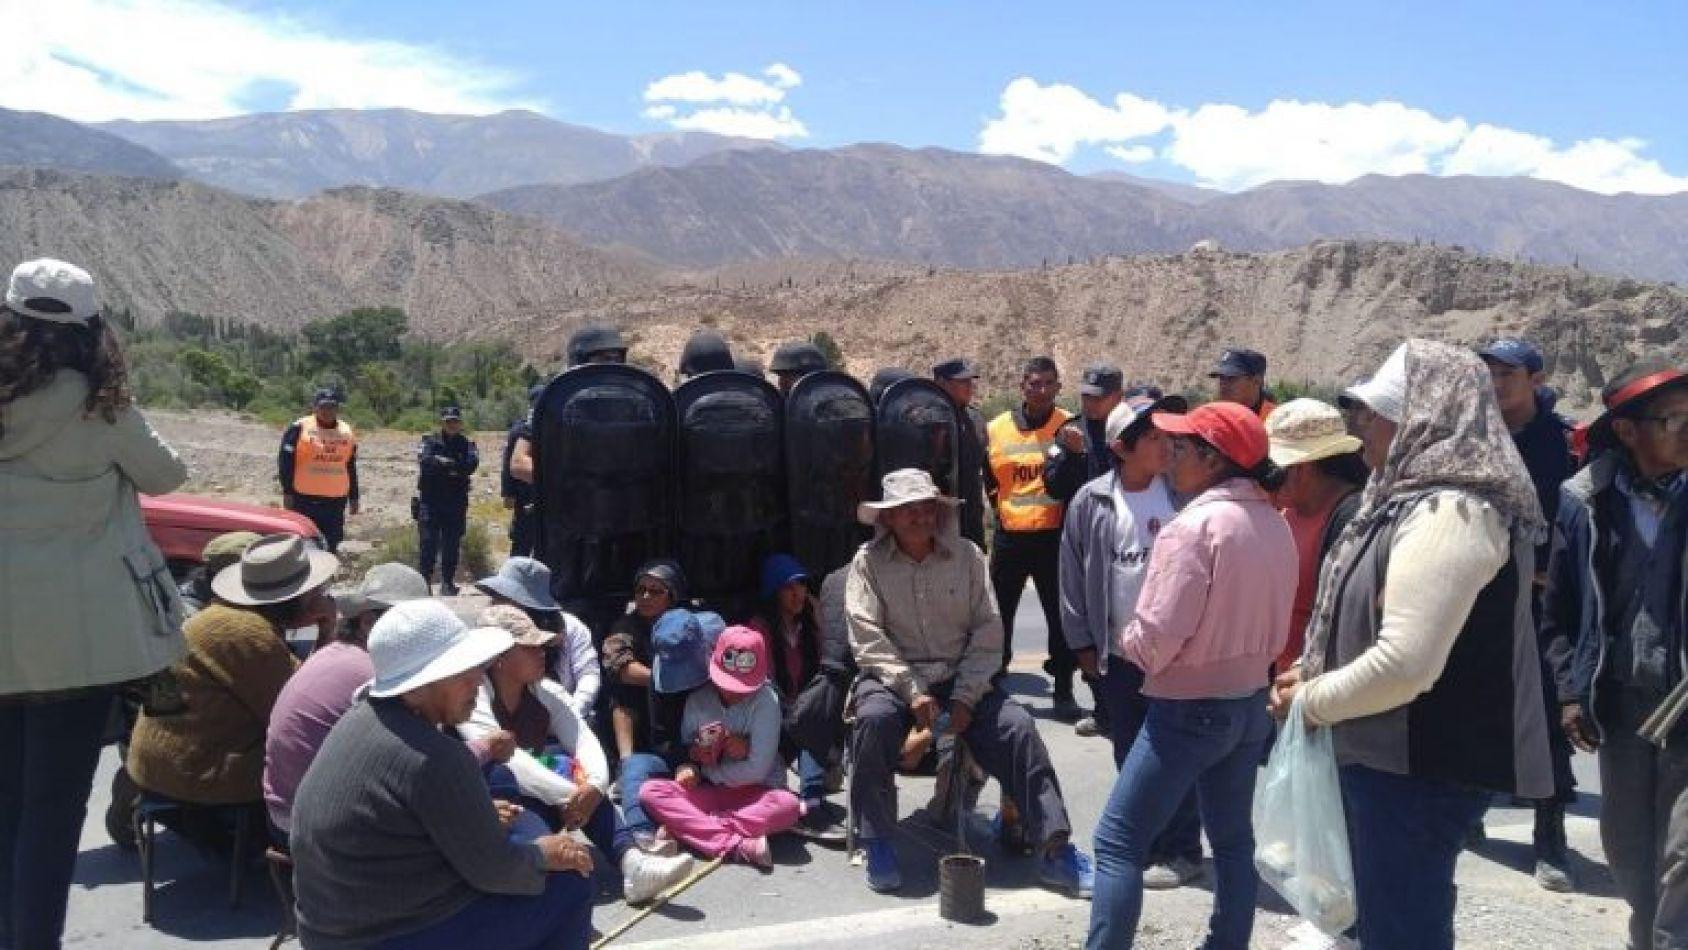 Imágen de Archivo: corte de ruta en Cueva del Inca, Tilcara año 2018